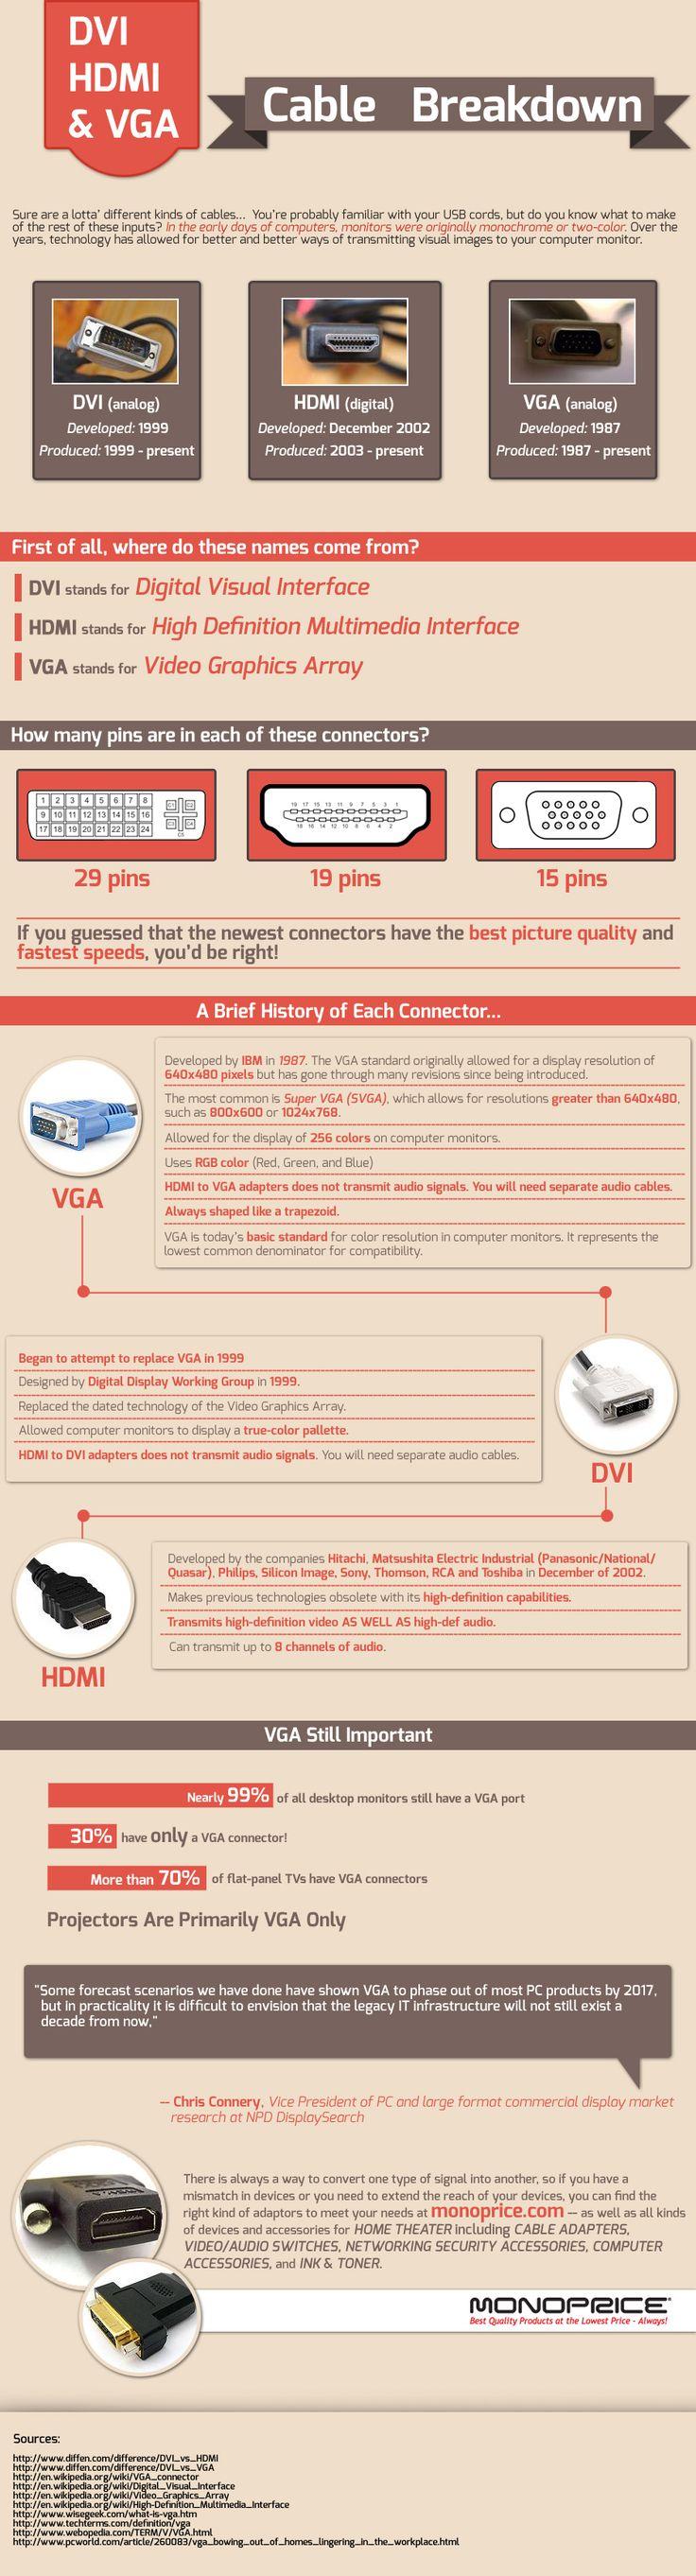 DVI, HDMI & VGA Cable Breakdown